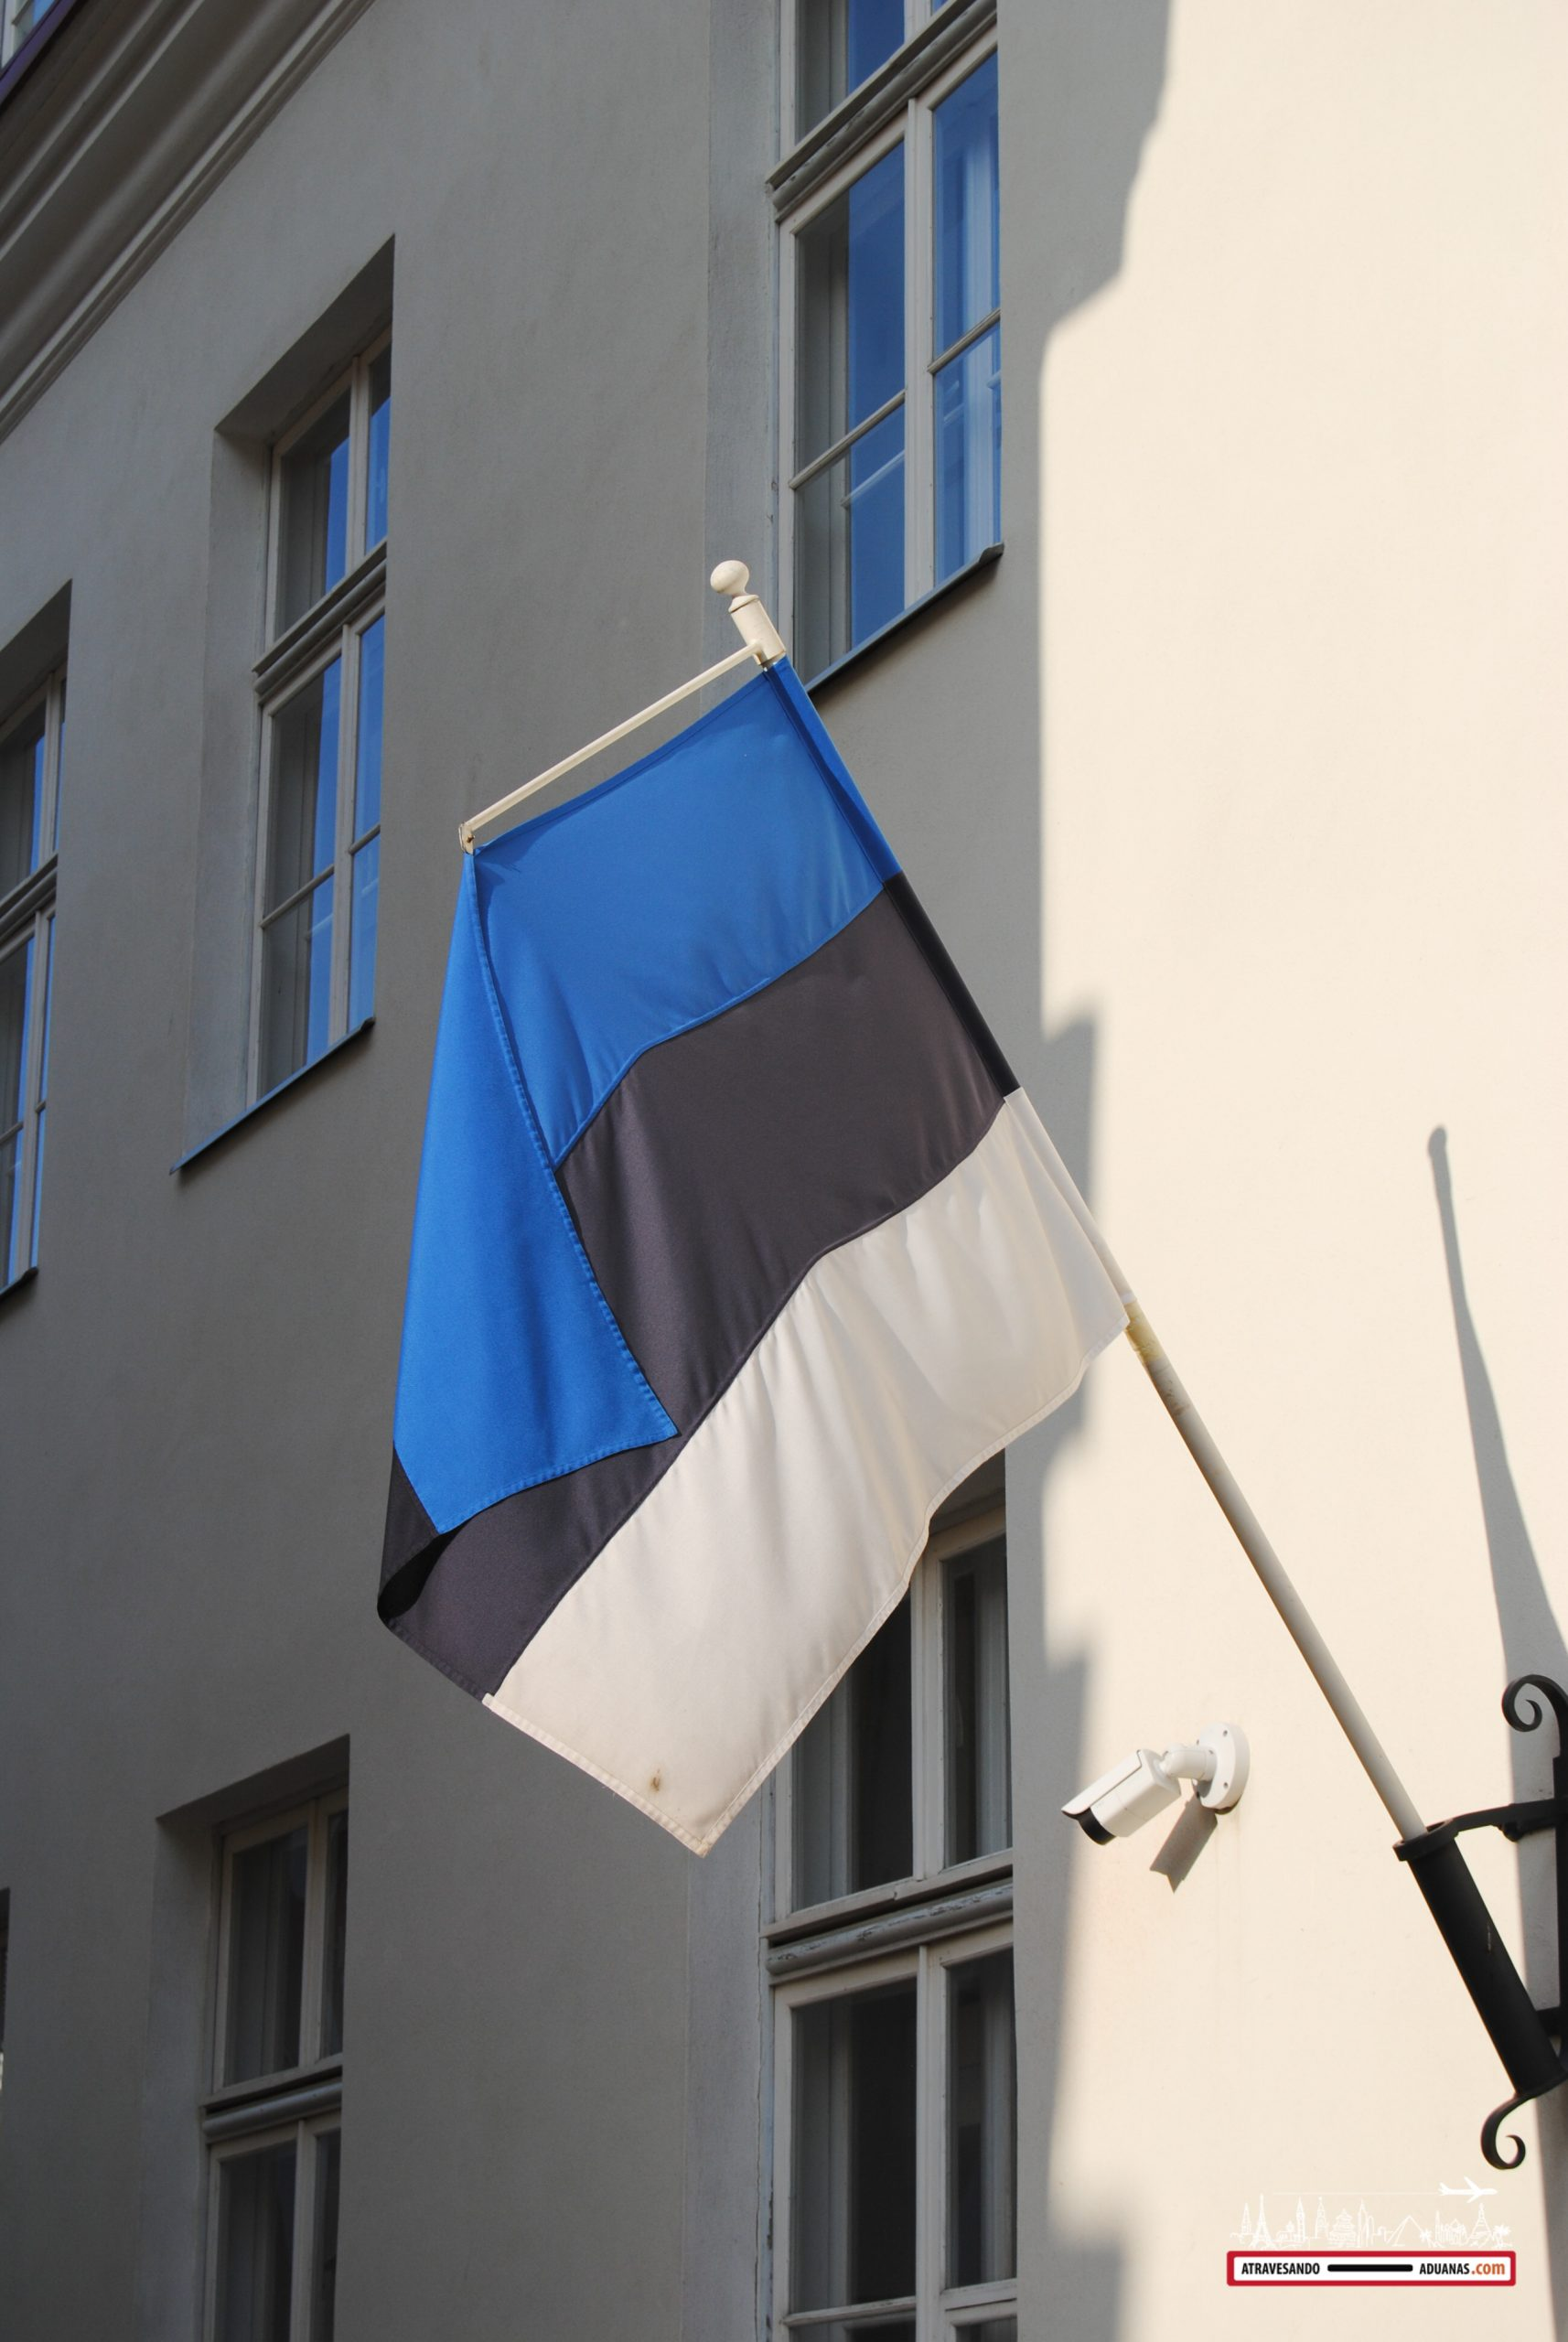 Bandera estonia en una calle de Tallinn